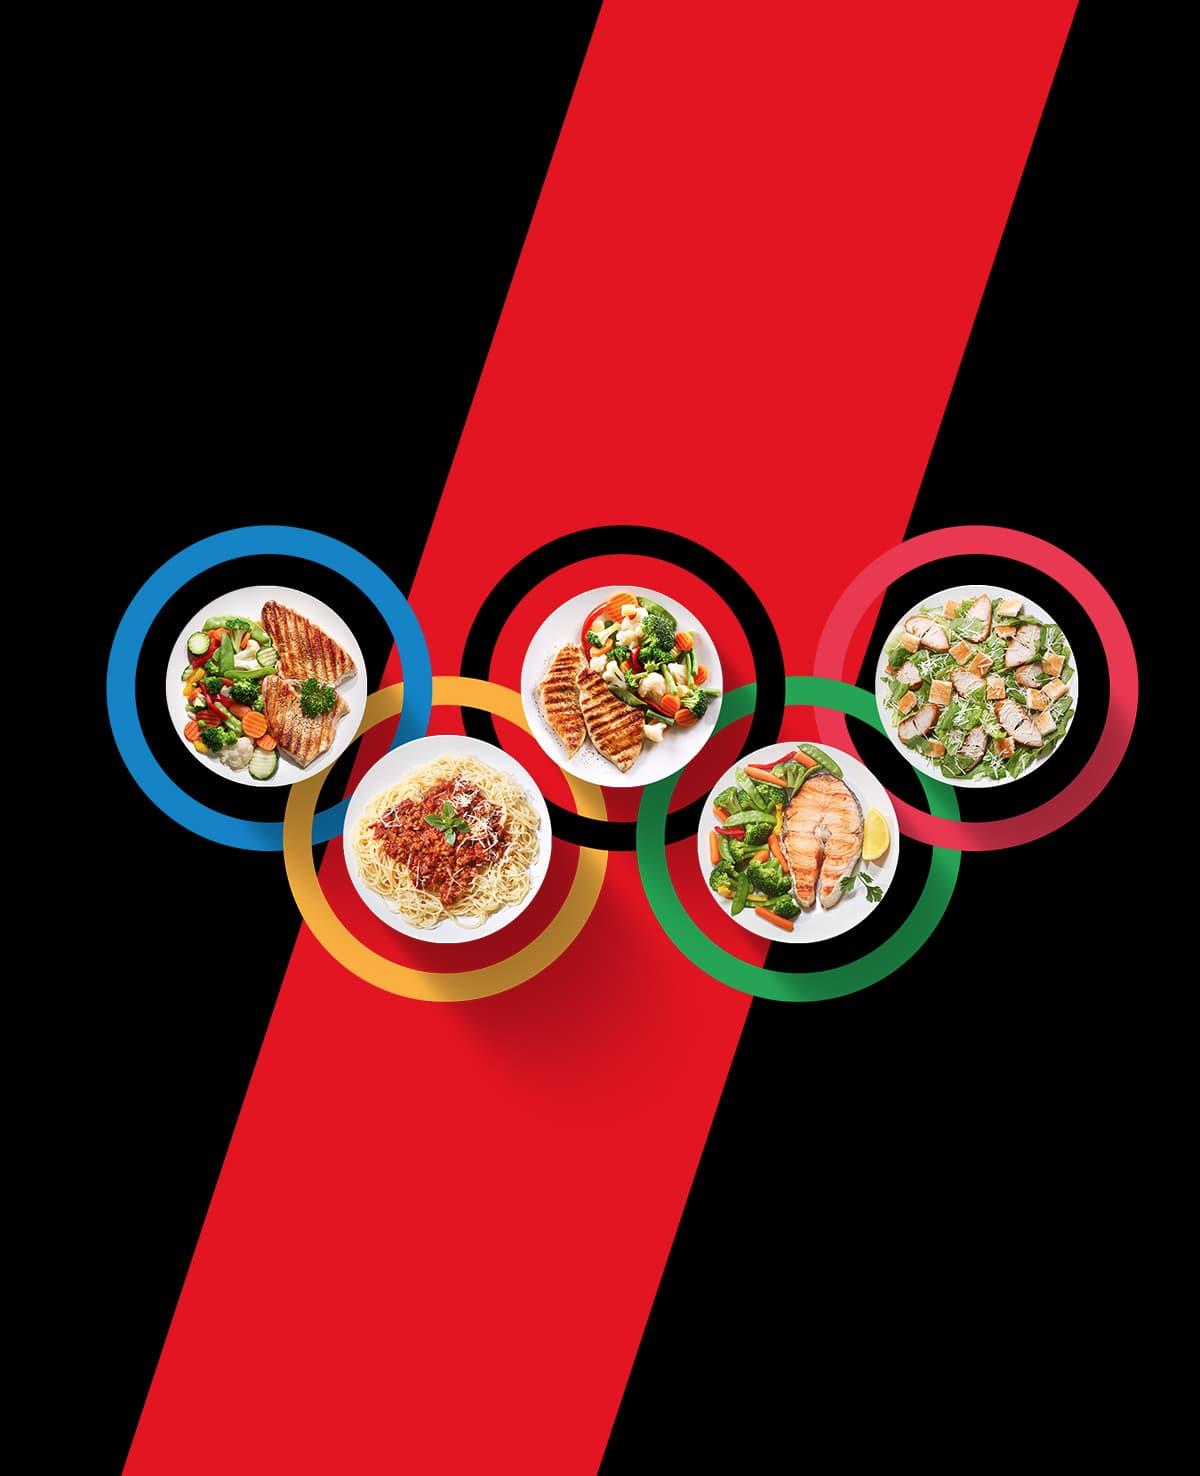 Webinar ricomposizione corporea olimpiadi